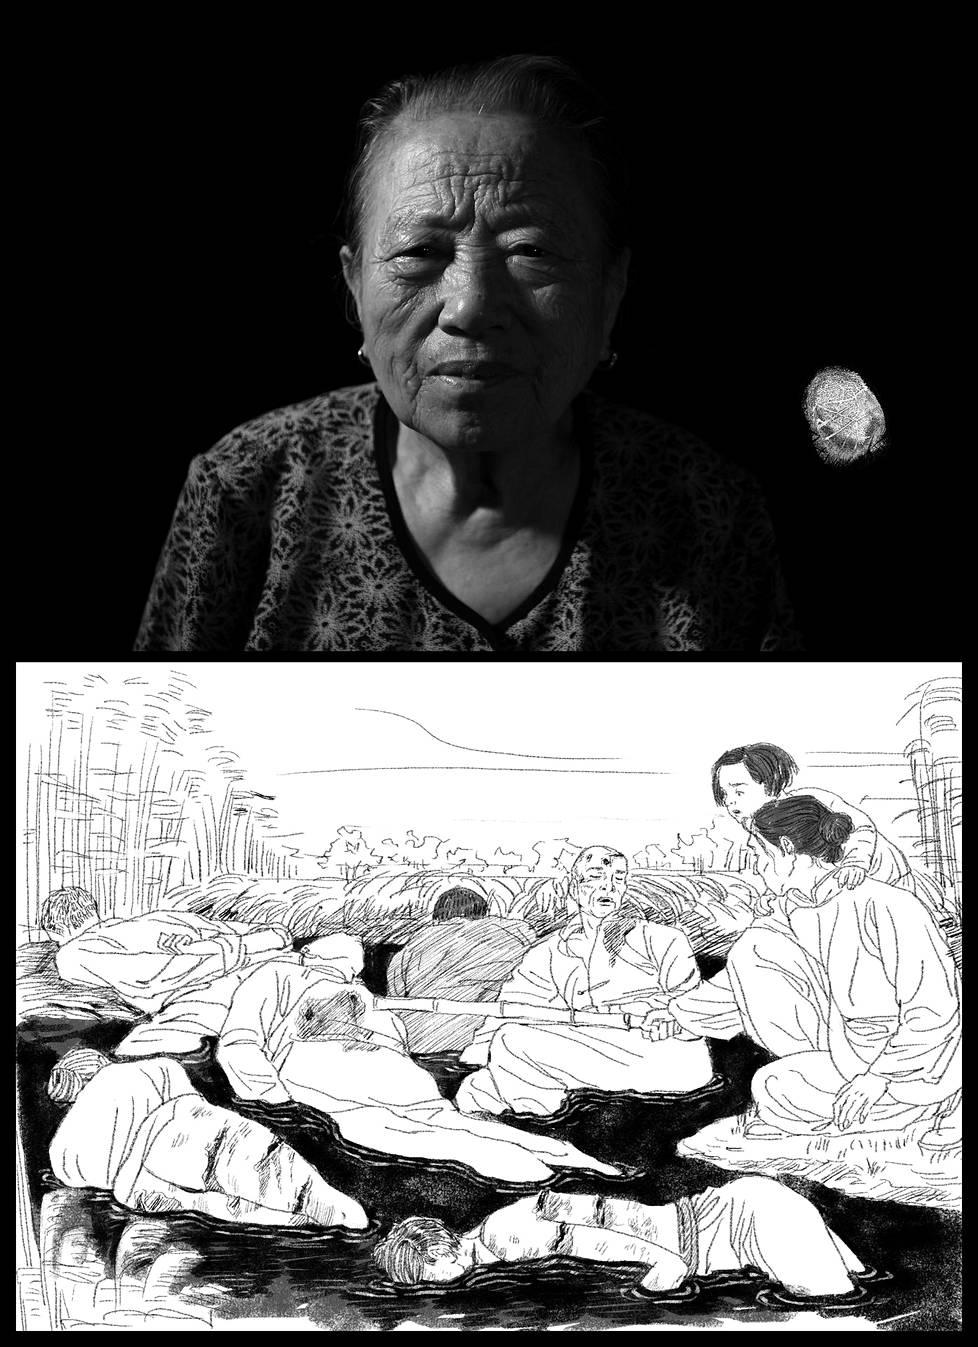 101-vuotias Shi Xiuying on viimeisiä Nanjingin verilöylyn eloonjääneitä. Shi löysi 1937 isänsä kuolleena isosta ruumiskasasta. Japanilaiset lastasivat hänen vanhimman veljensä kuorma-autoon, eikä häntä nähty enää koskaan.